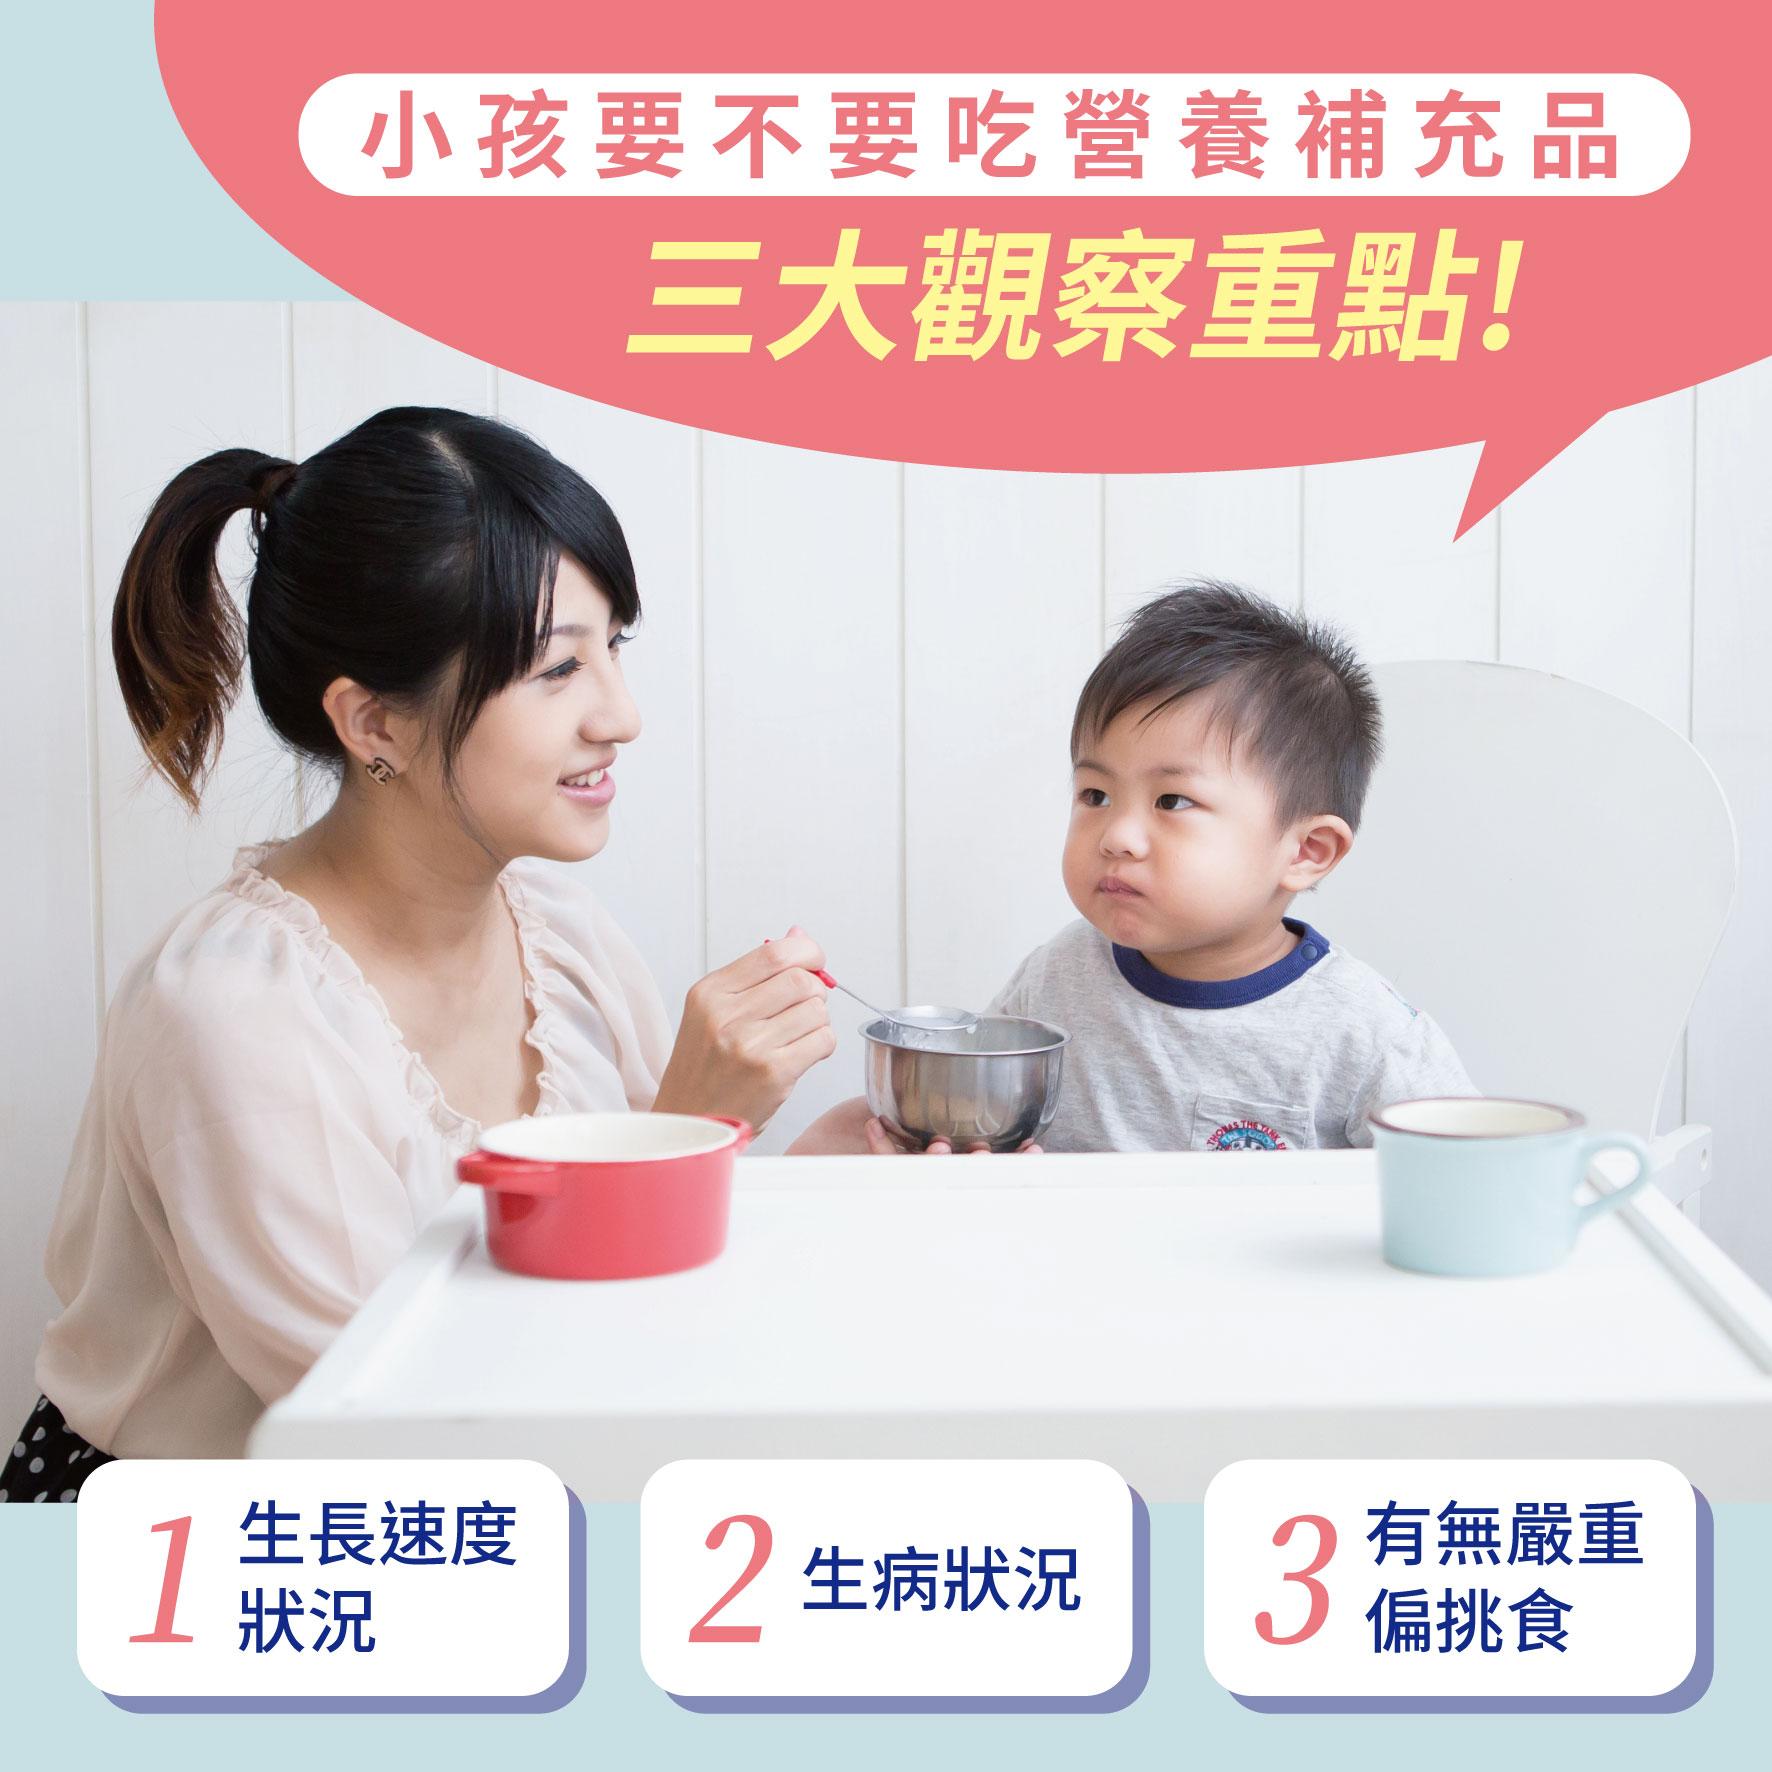 幼兒3歲 (第24週)小孩要不要吃營養補充品 三大觀察重點!